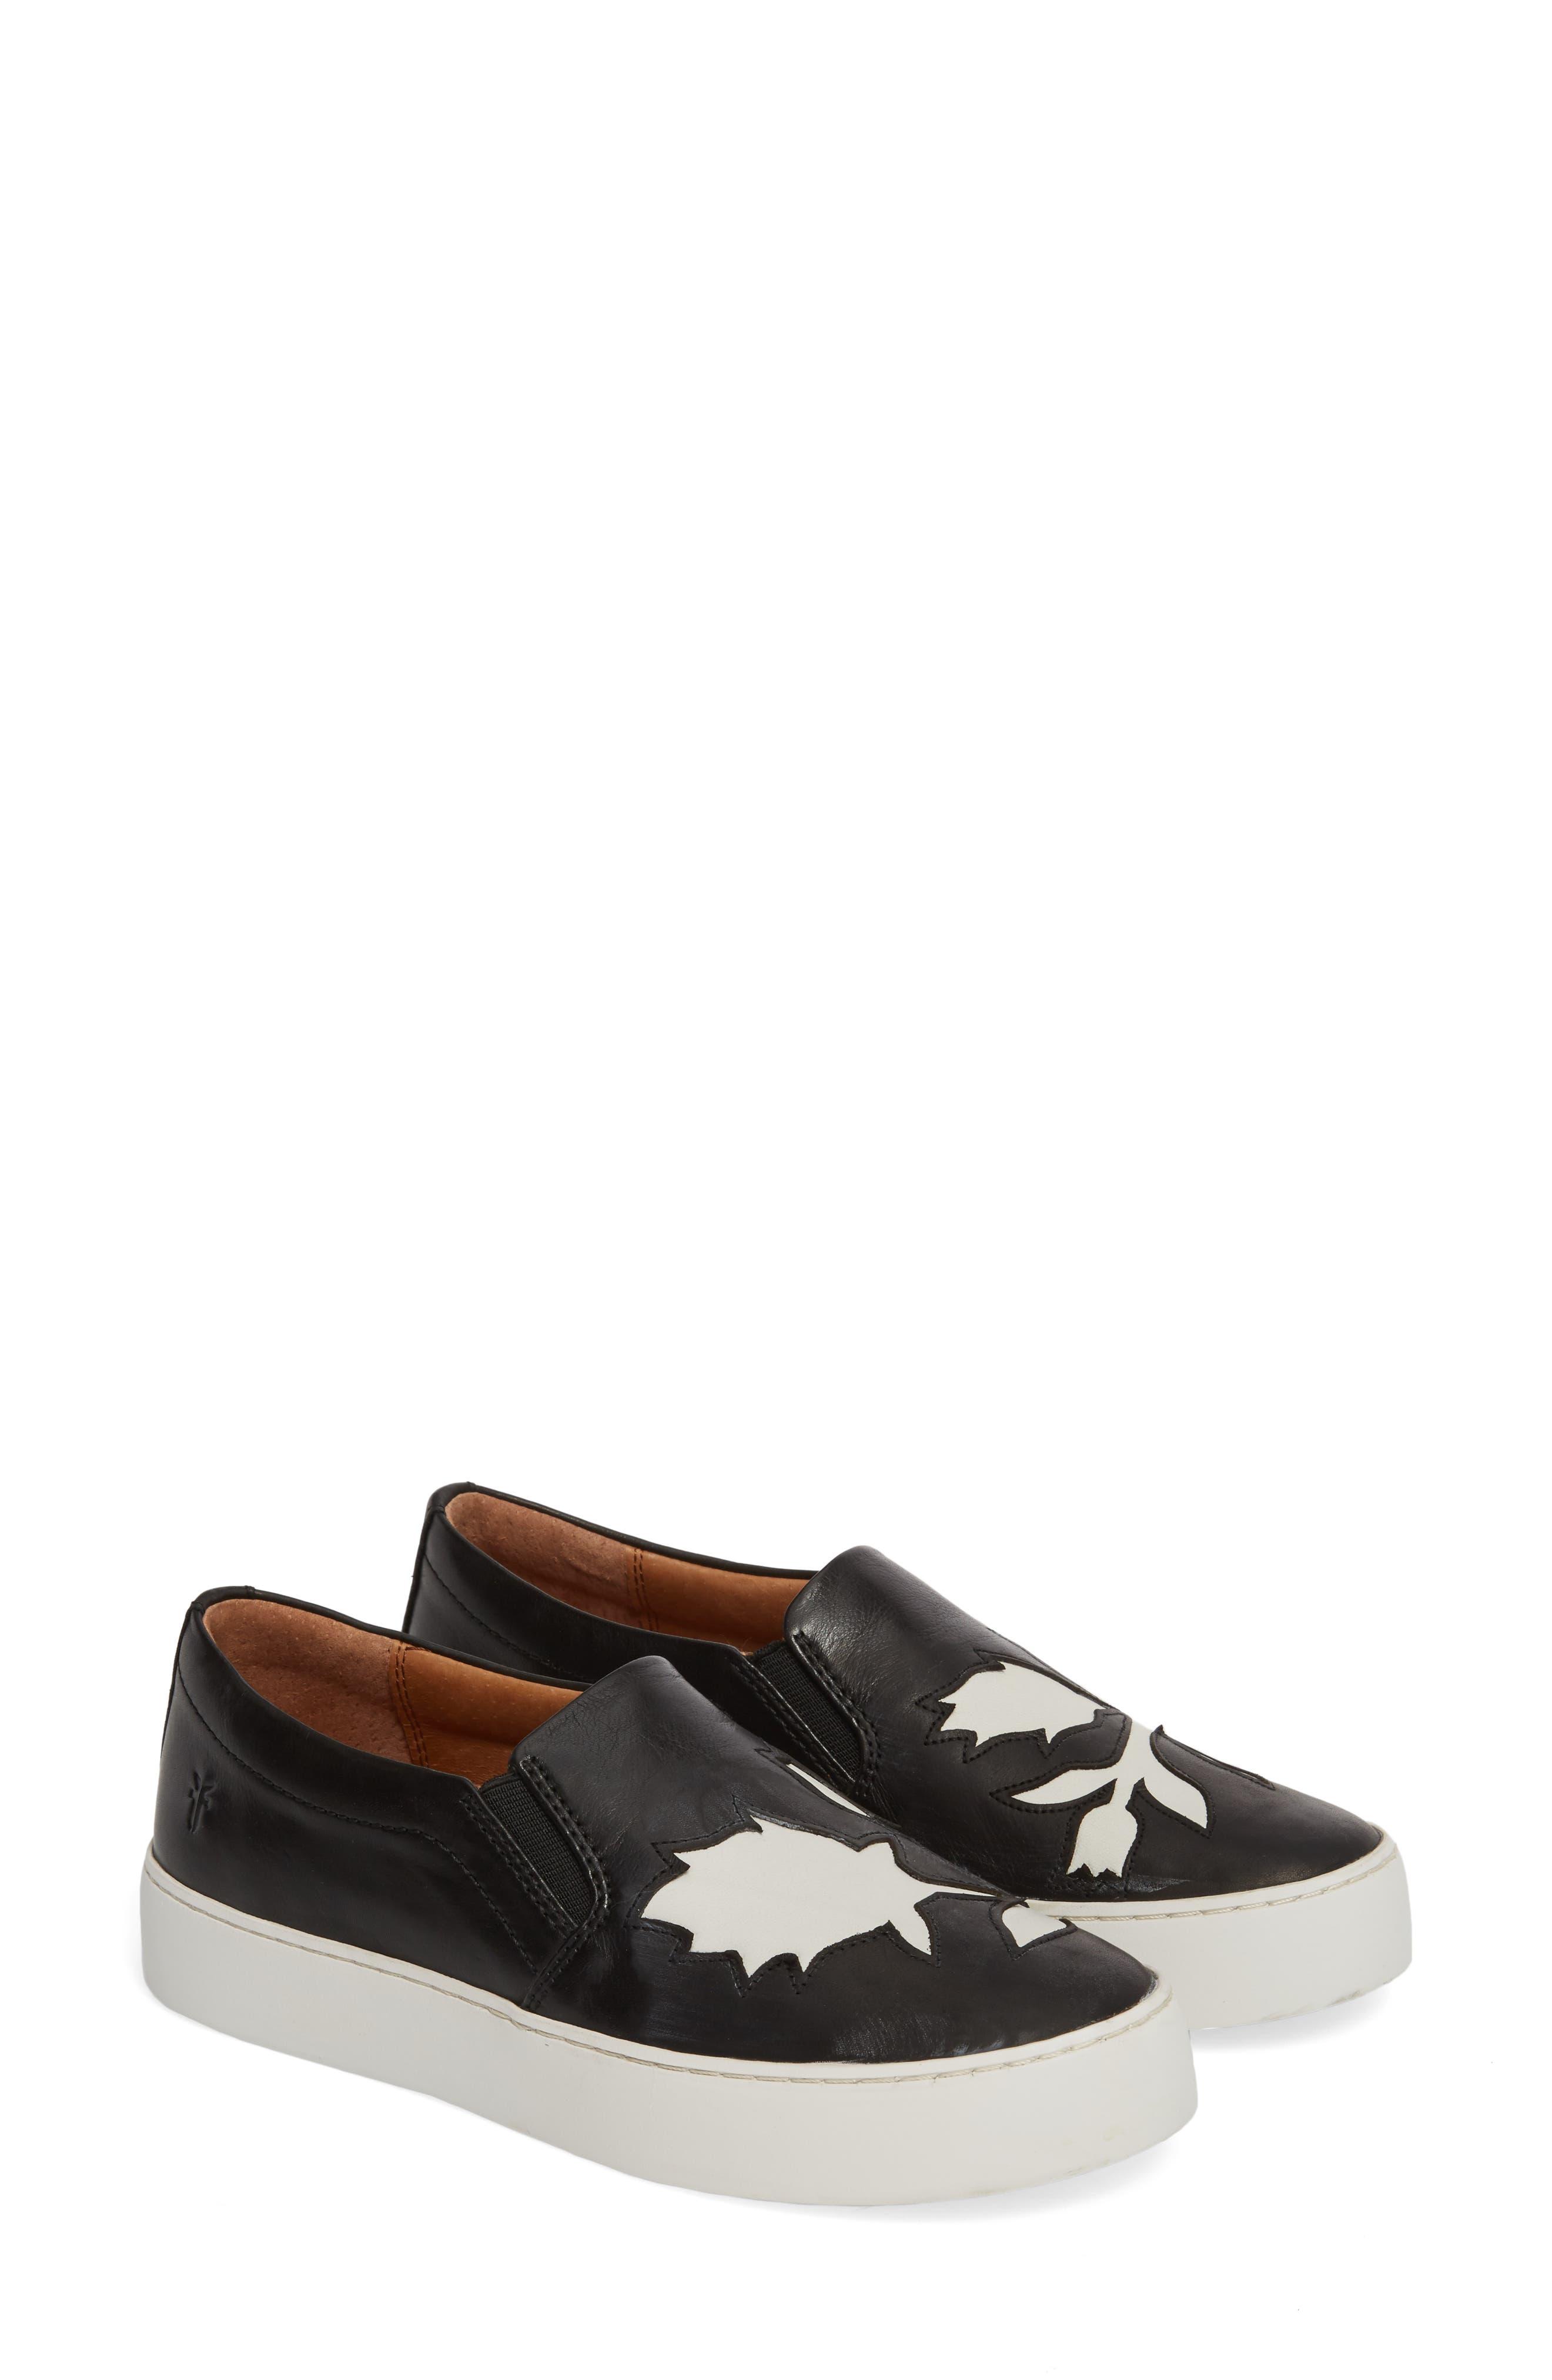 Lena Floral Slip-On Sneaker,                             Alternate thumbnail 2, color,                             001